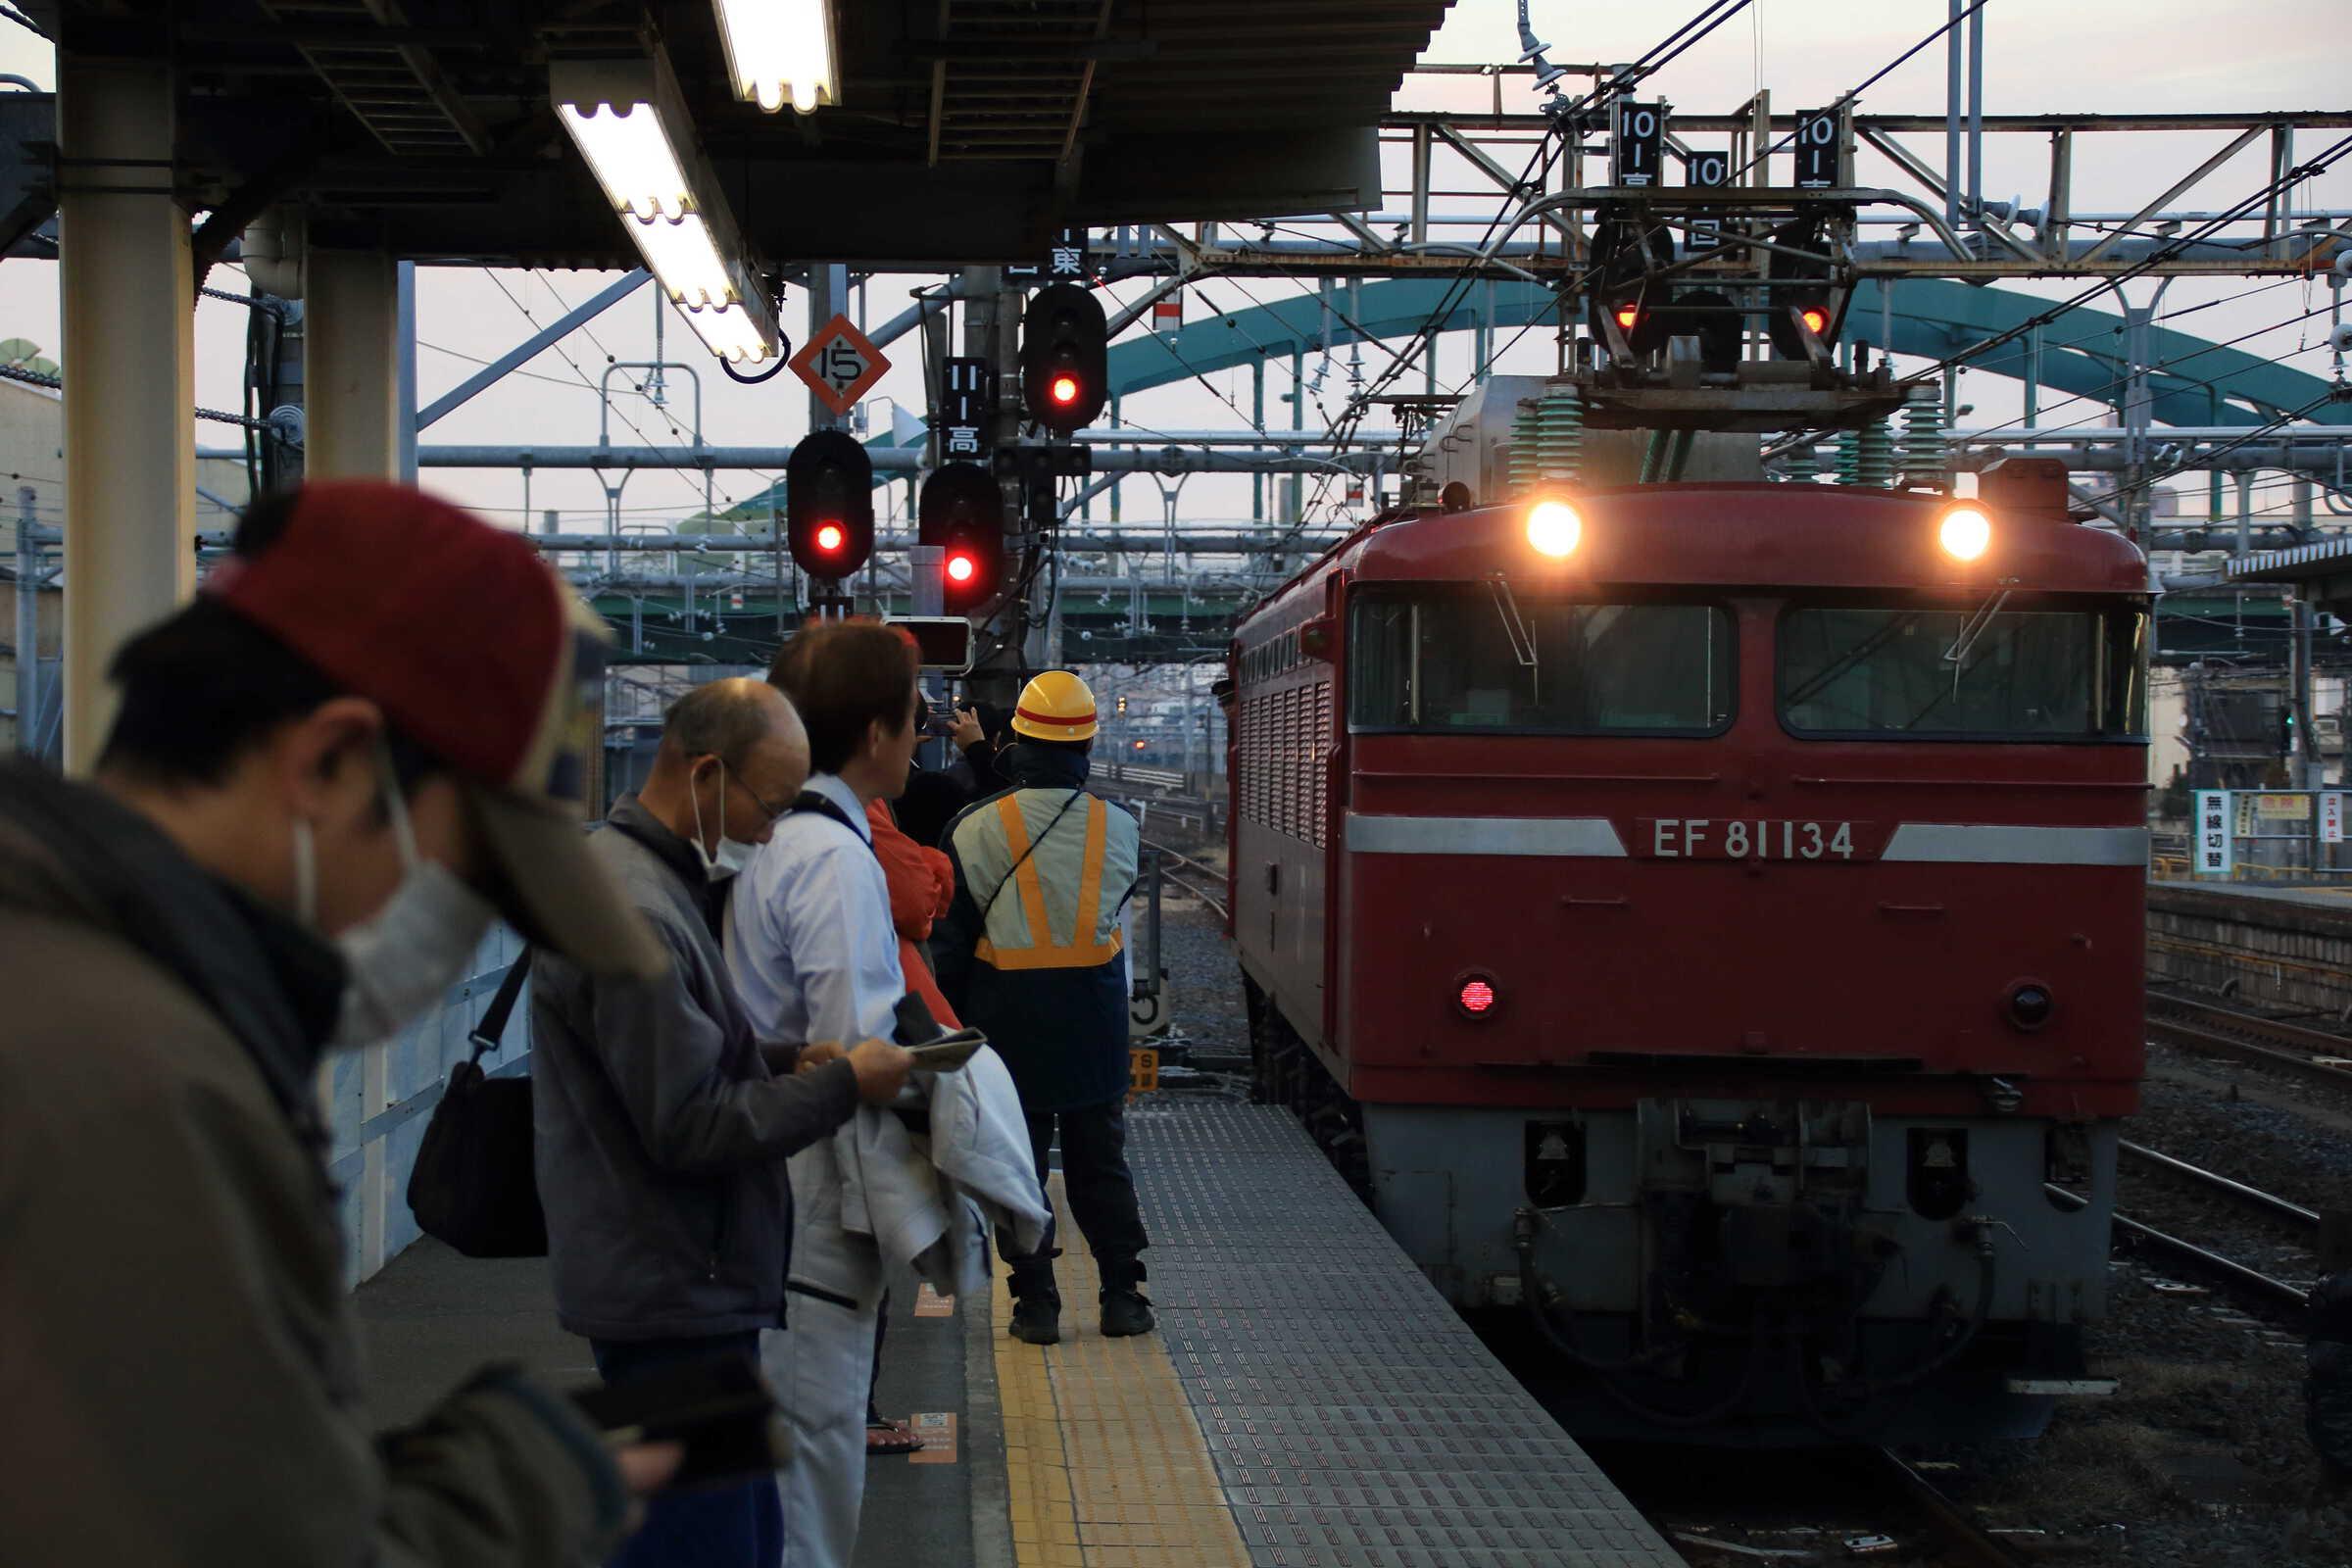 単9751列車 OM入場牽引機返却 EF81-134①[長岡]